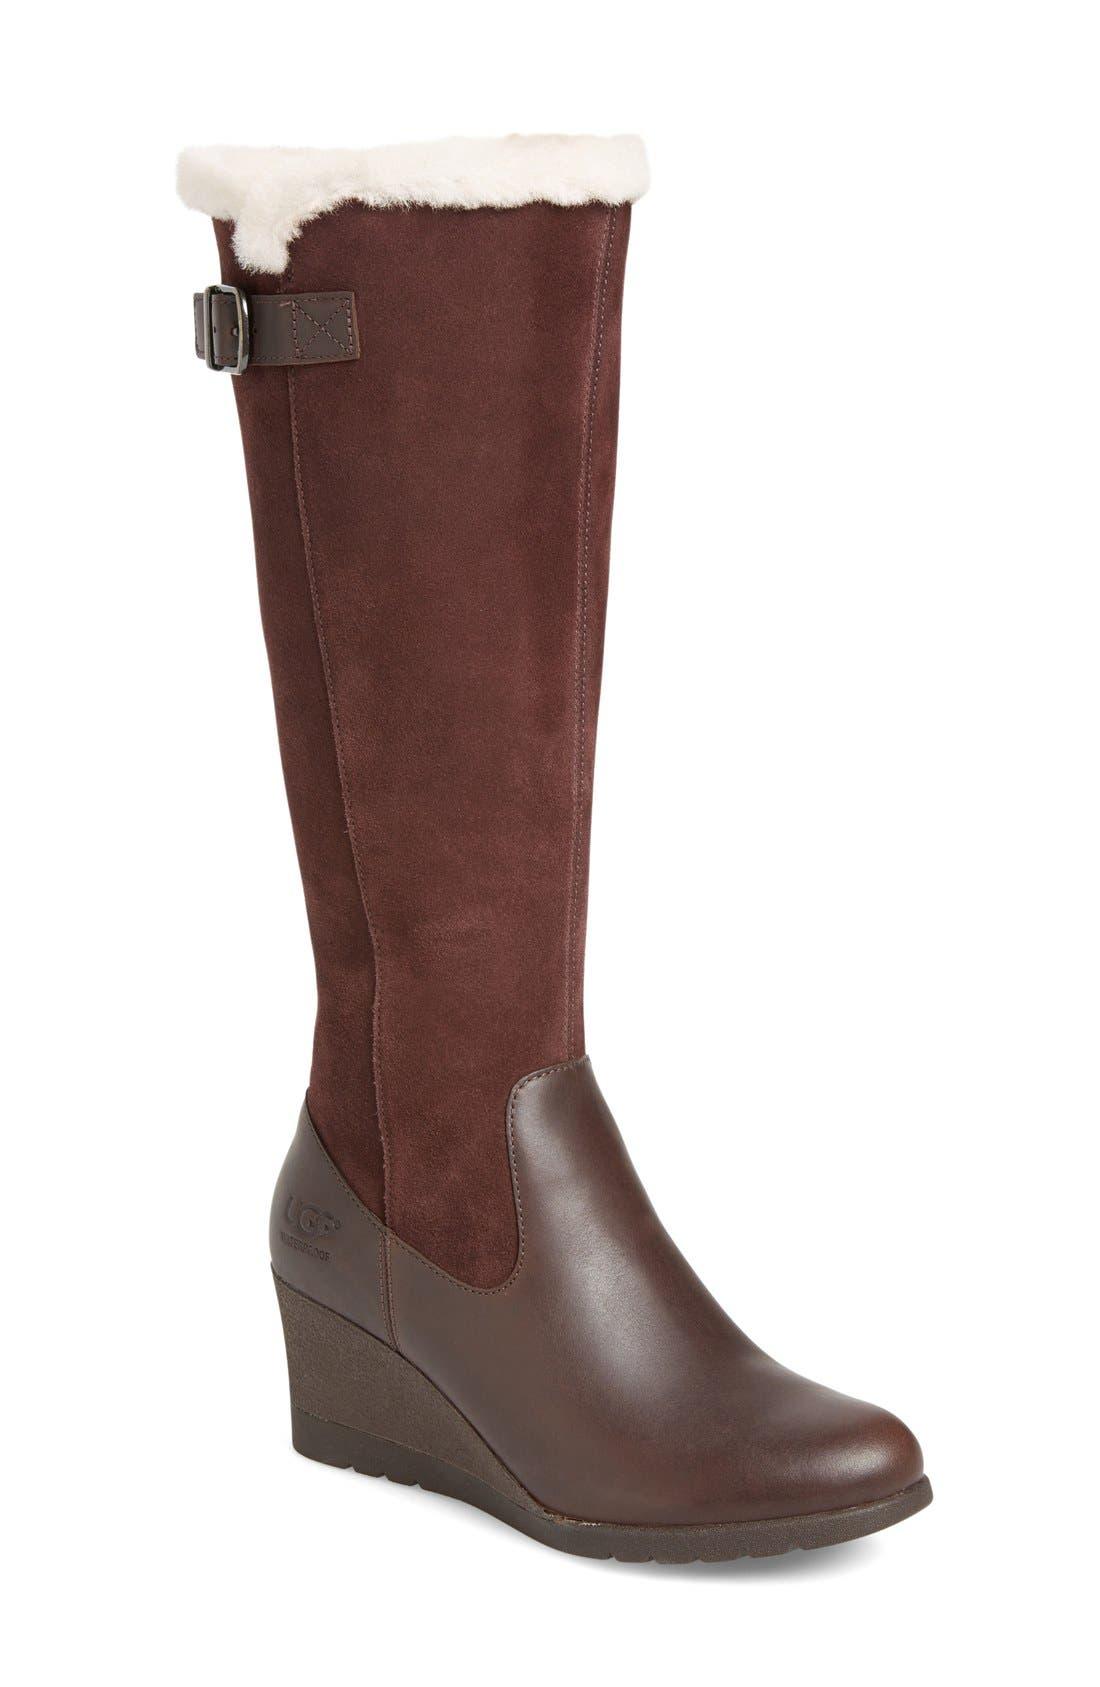 Alternate Image 1 Selected - UGG® Mischa Waterproof Wedge Boot (Women)